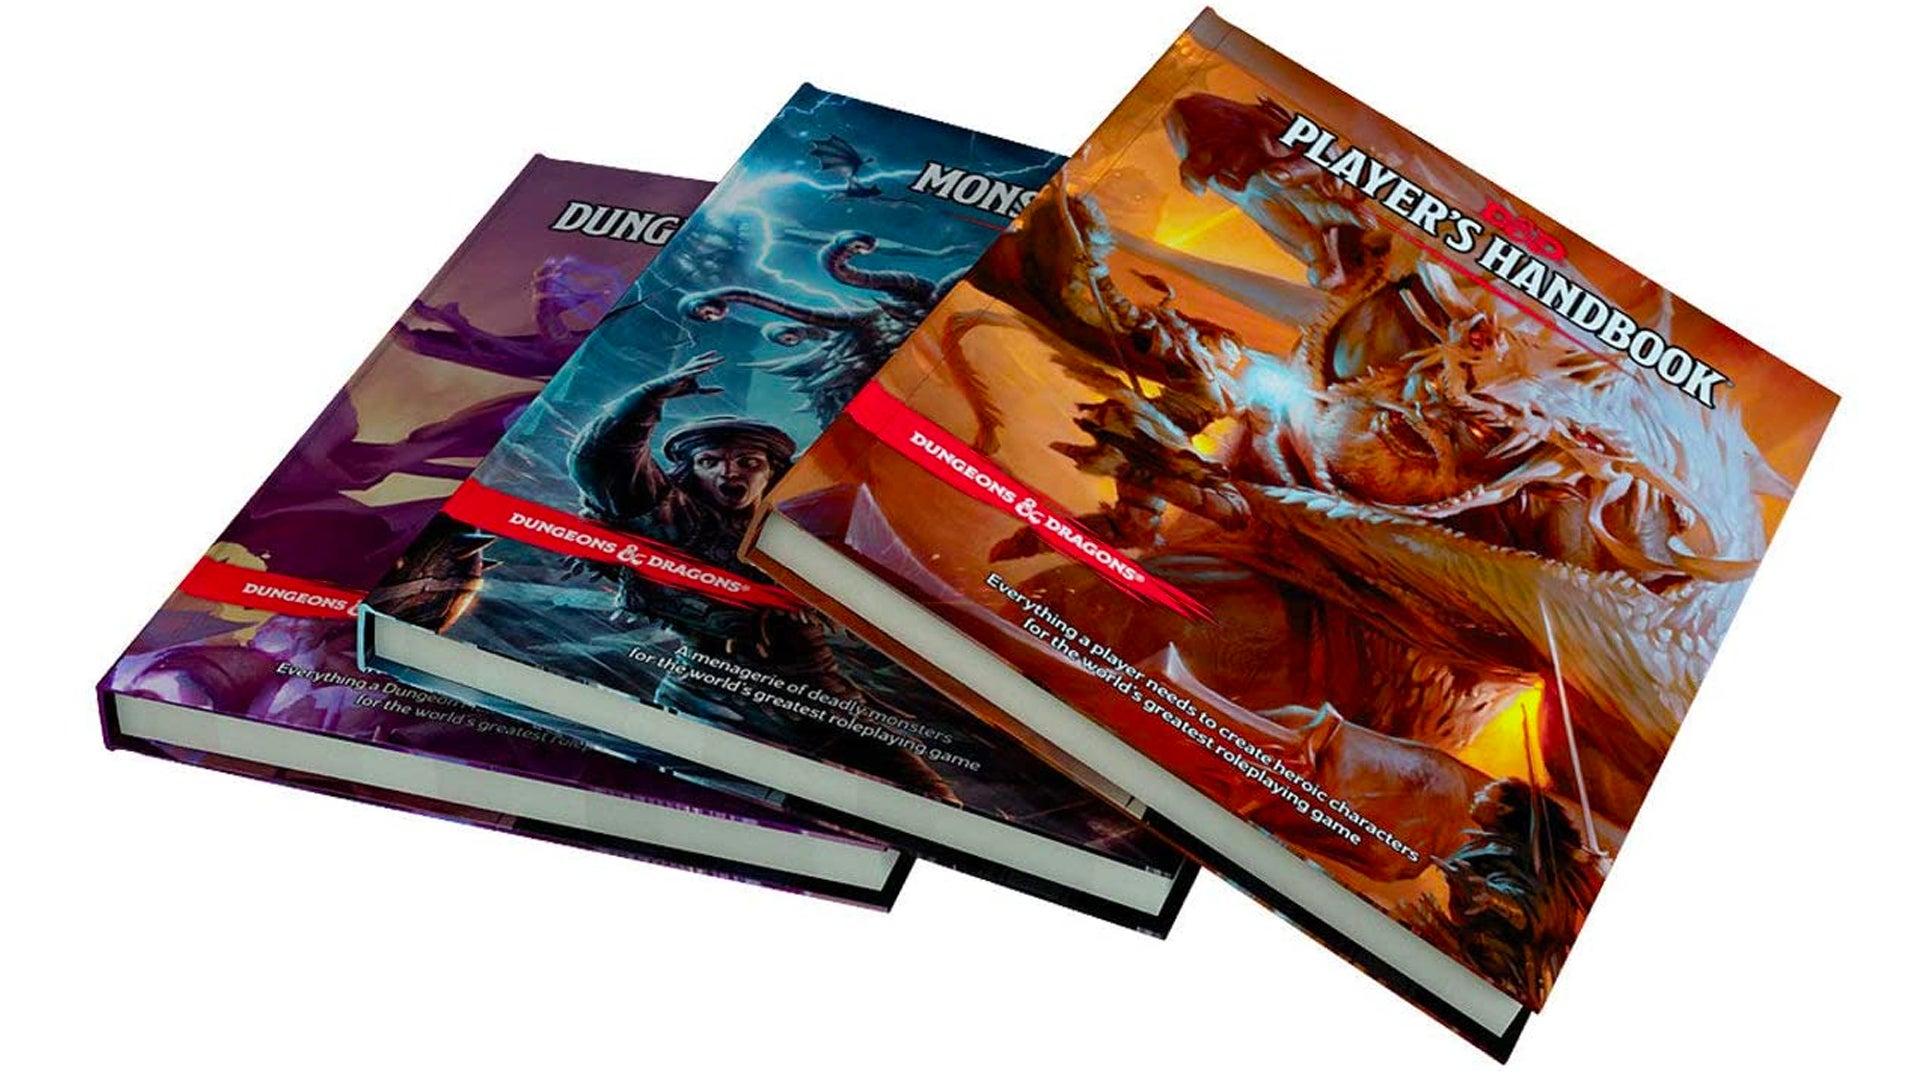 dnd-5e-rulebooks-phb-monster-manual-dm-guide.jpg